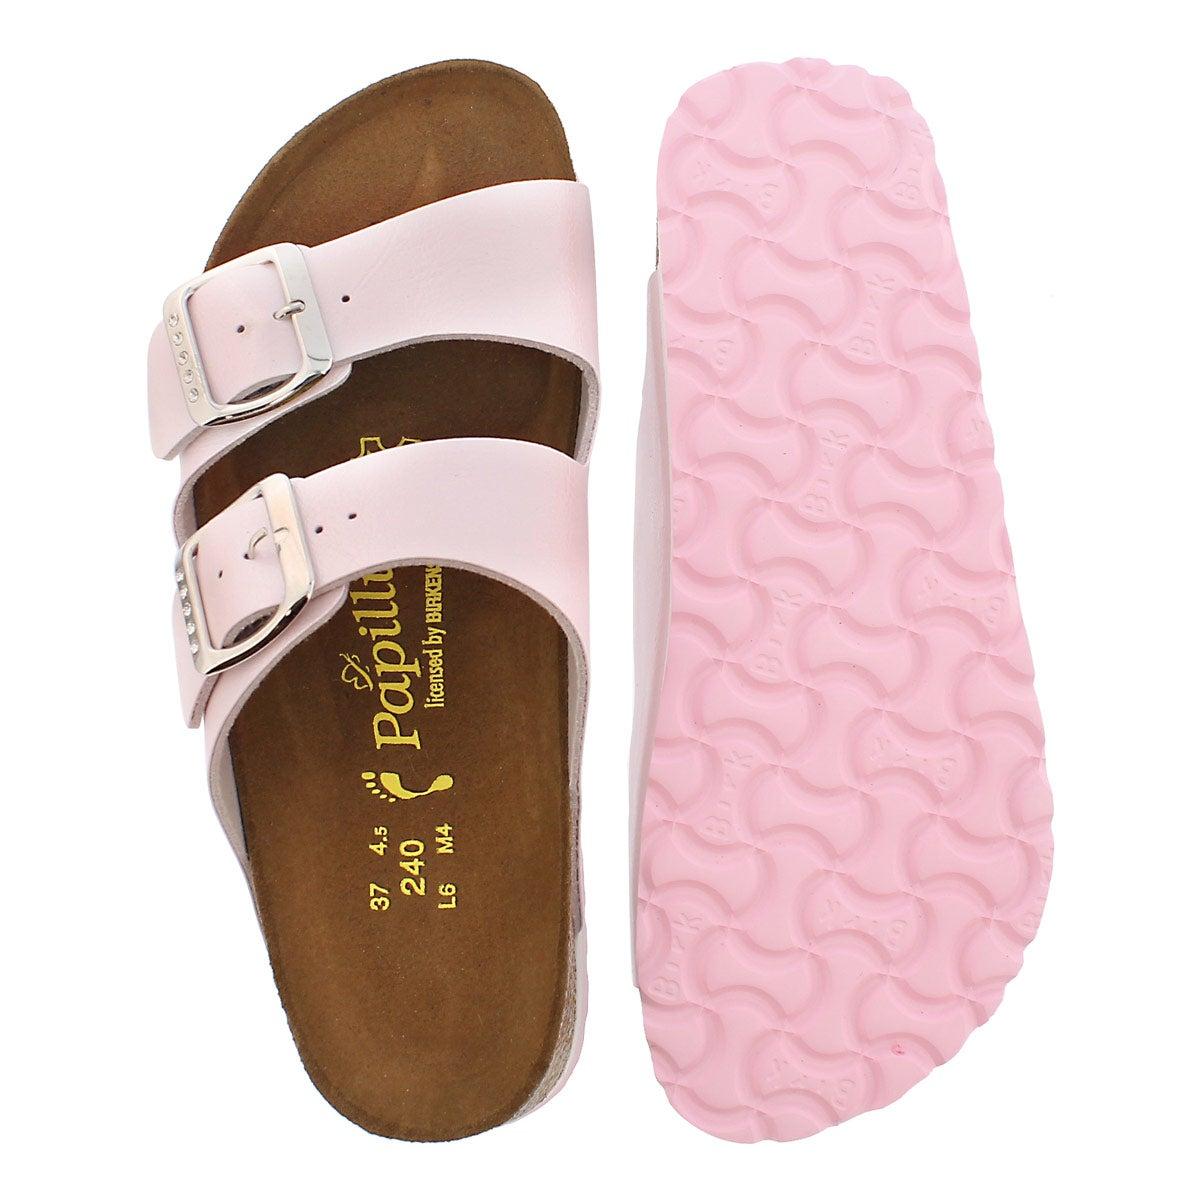 Sandale plateforme ARIZONA, rose, fem